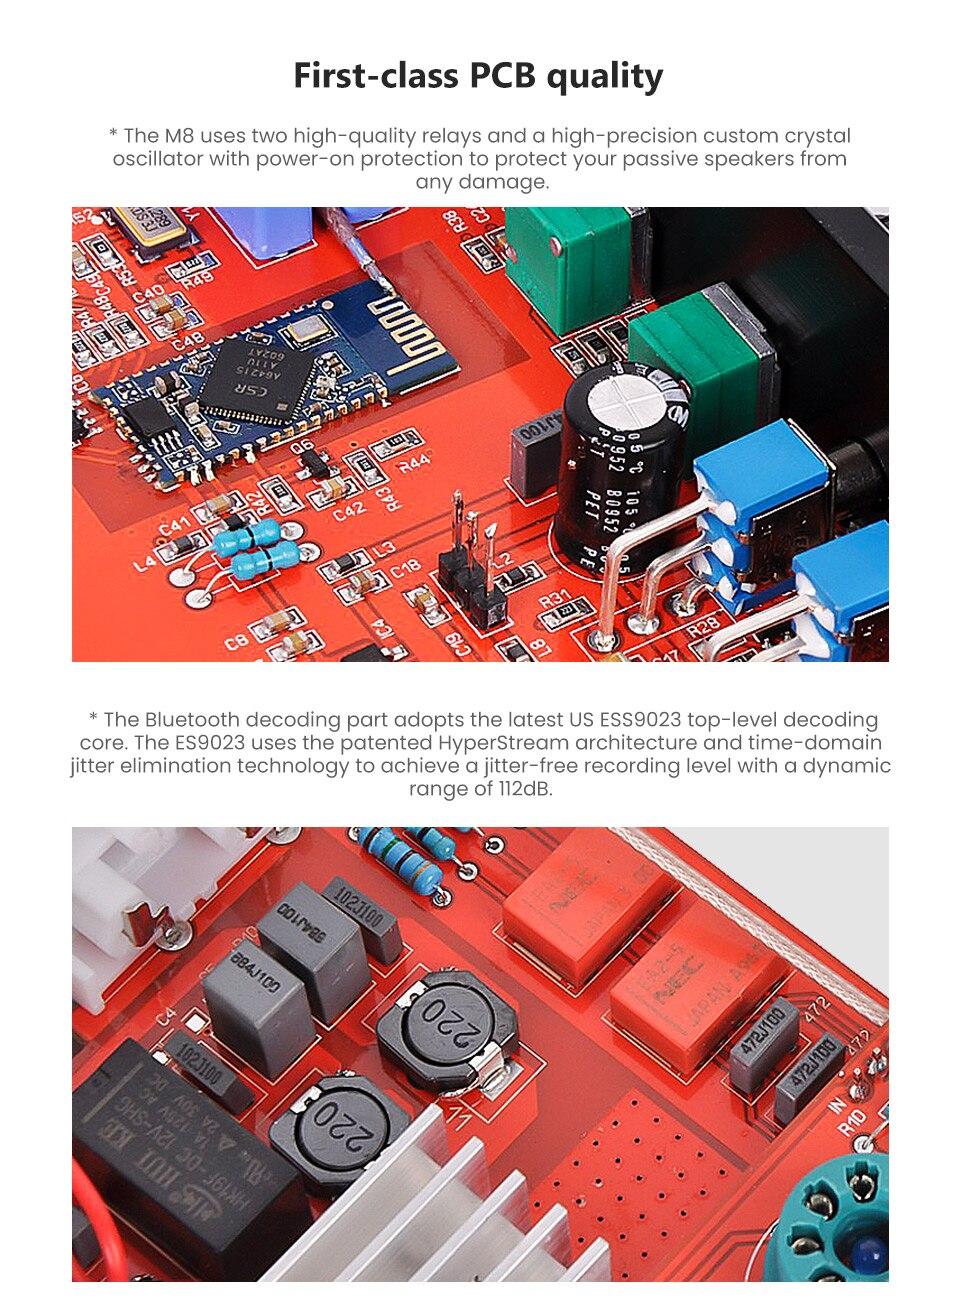 CSRA64215 Bluetooth 倉庫を洗う オーディオパワーアンプと高音低音トーンコントロール 11